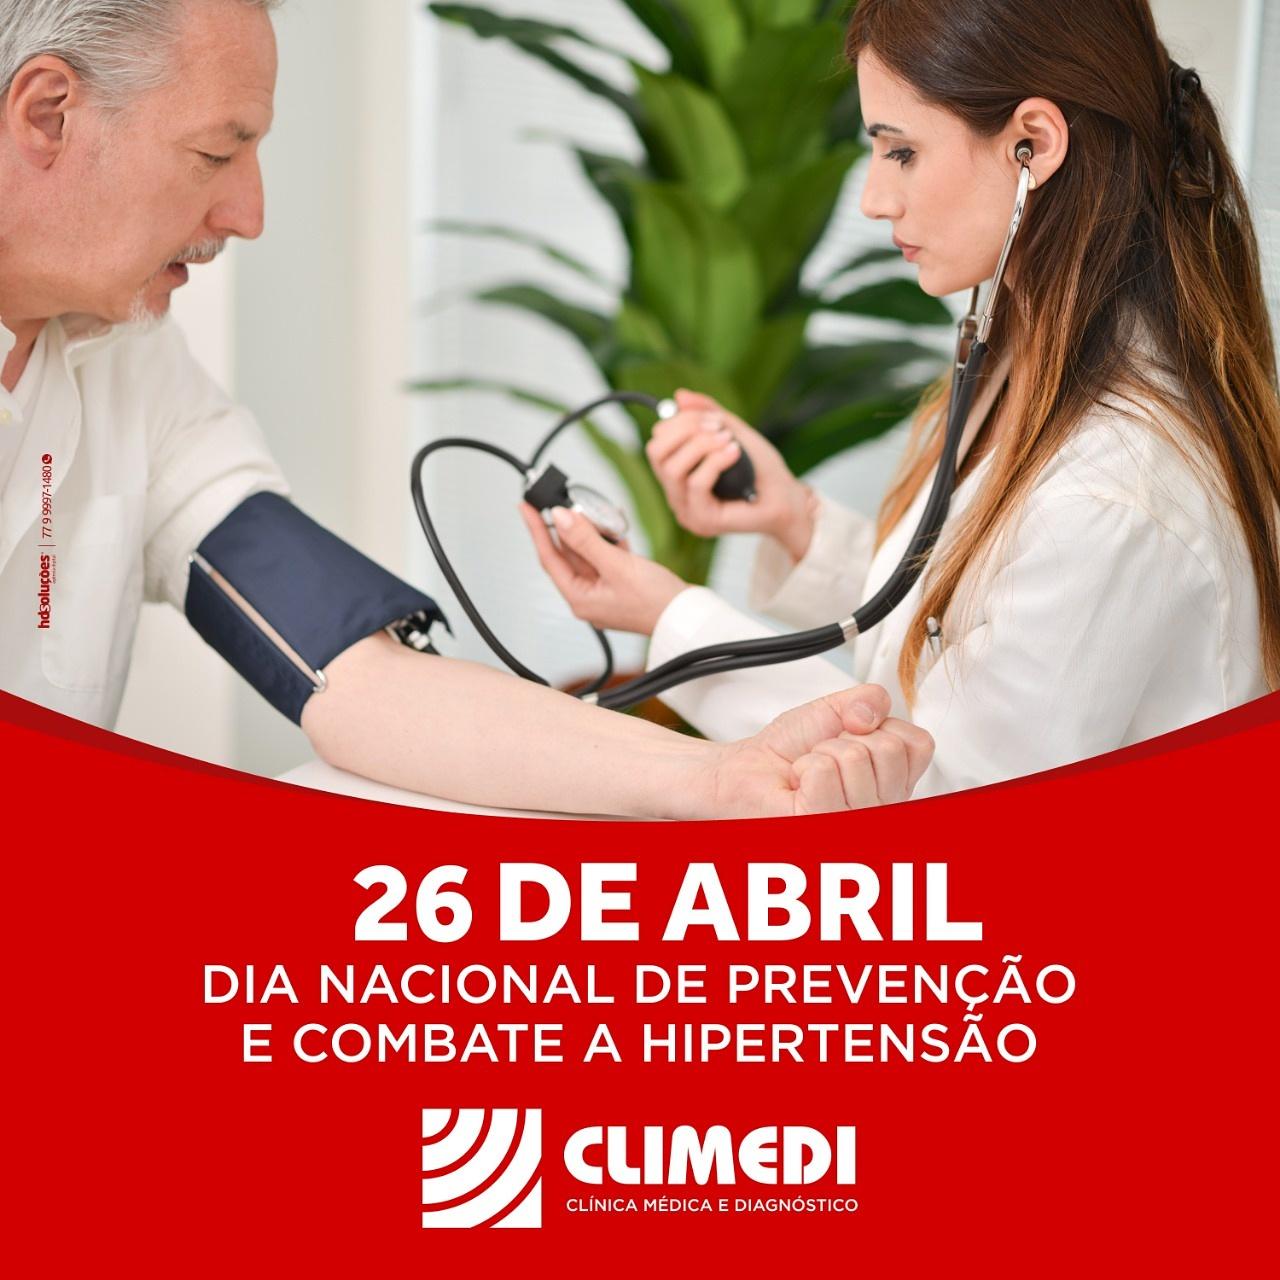 26 de abril Dia Nacional de Prevenção e Combate a Hipertensão